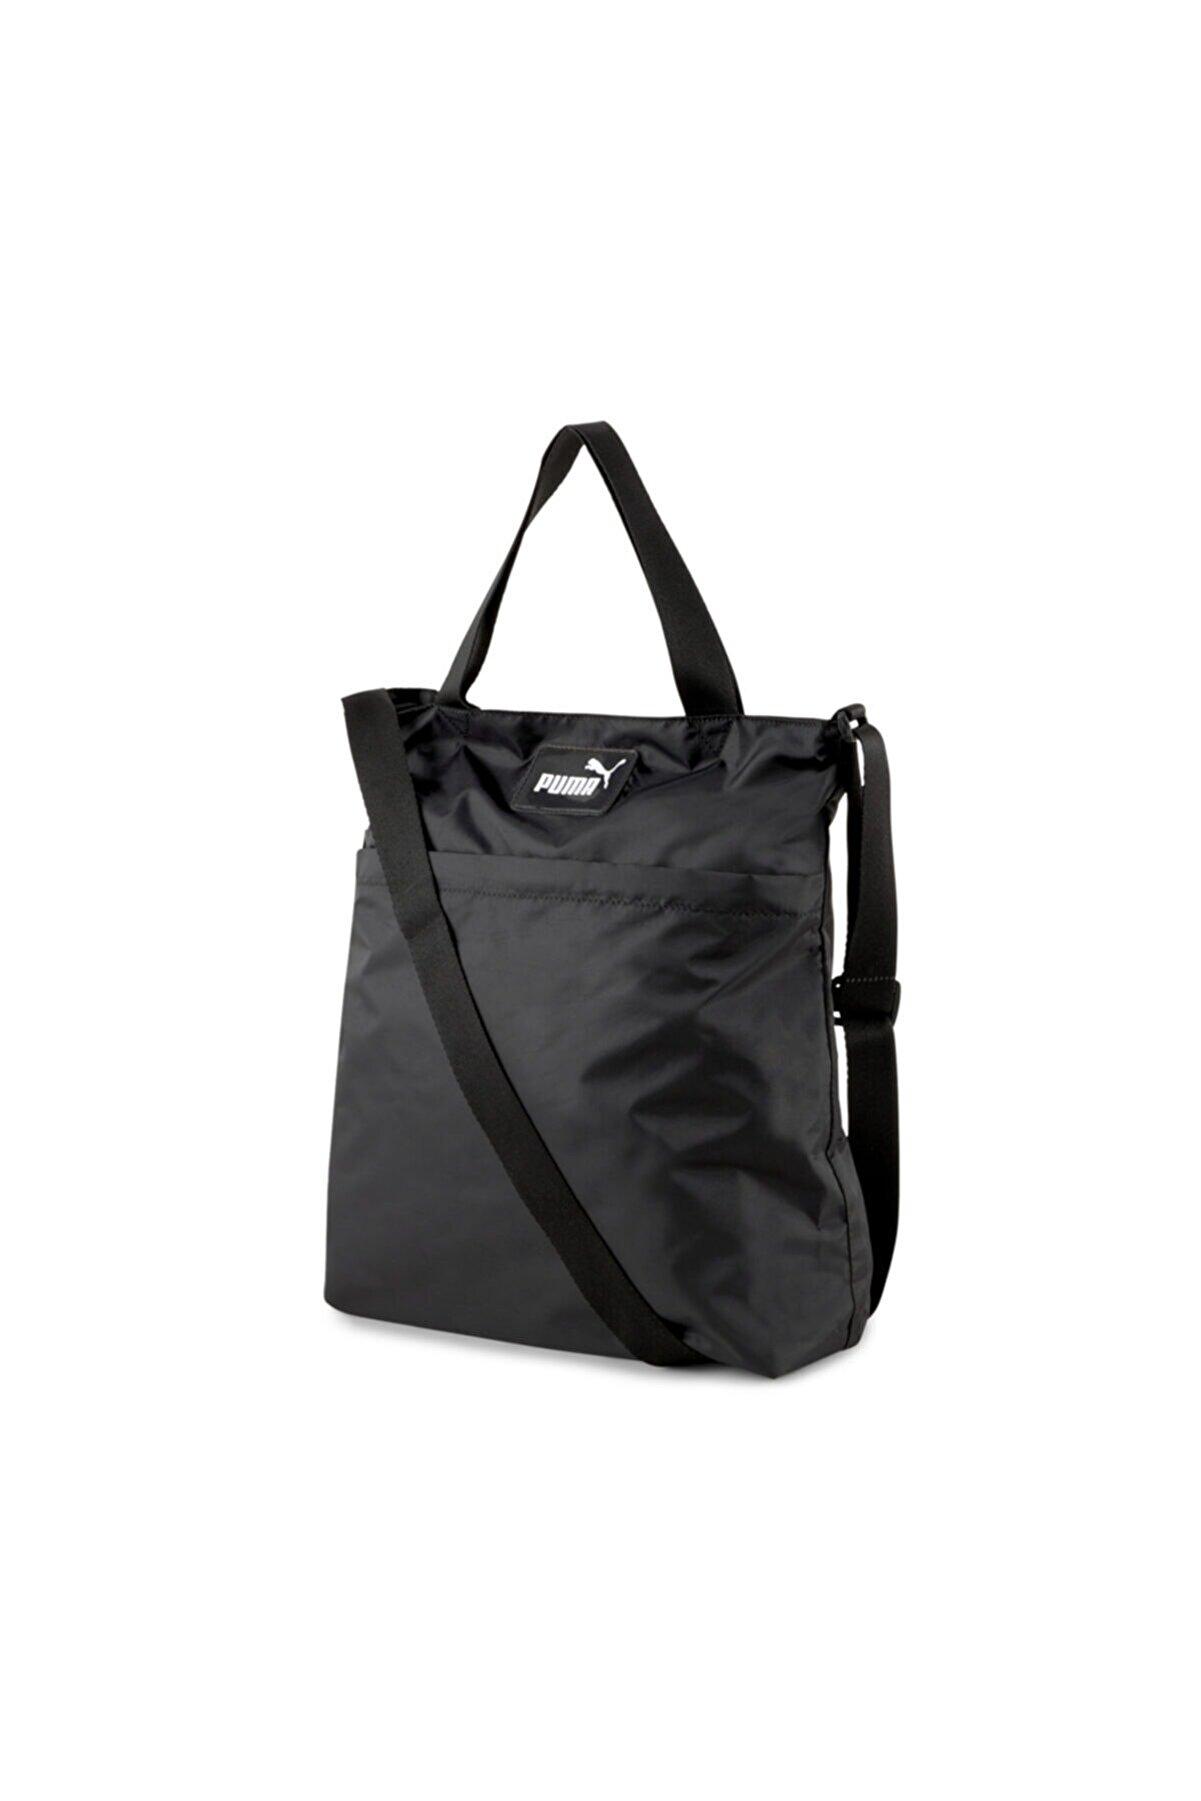 Puma Kadın Çanta Core Pop Shopper Siyah